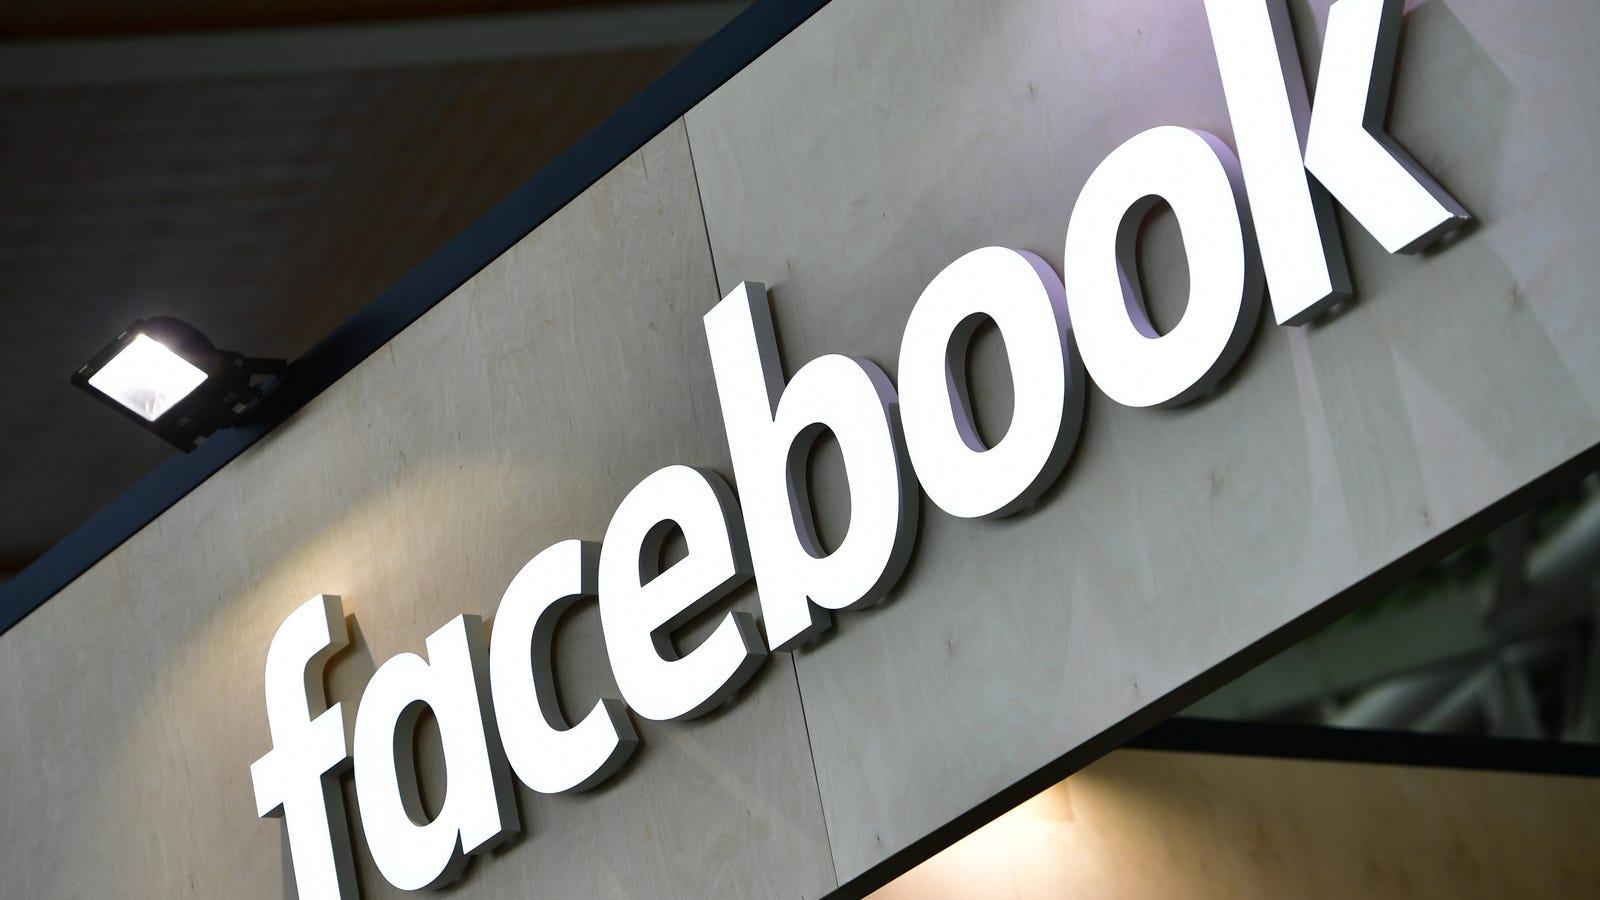 Don't Panic Because of Facebook's Stock Drop